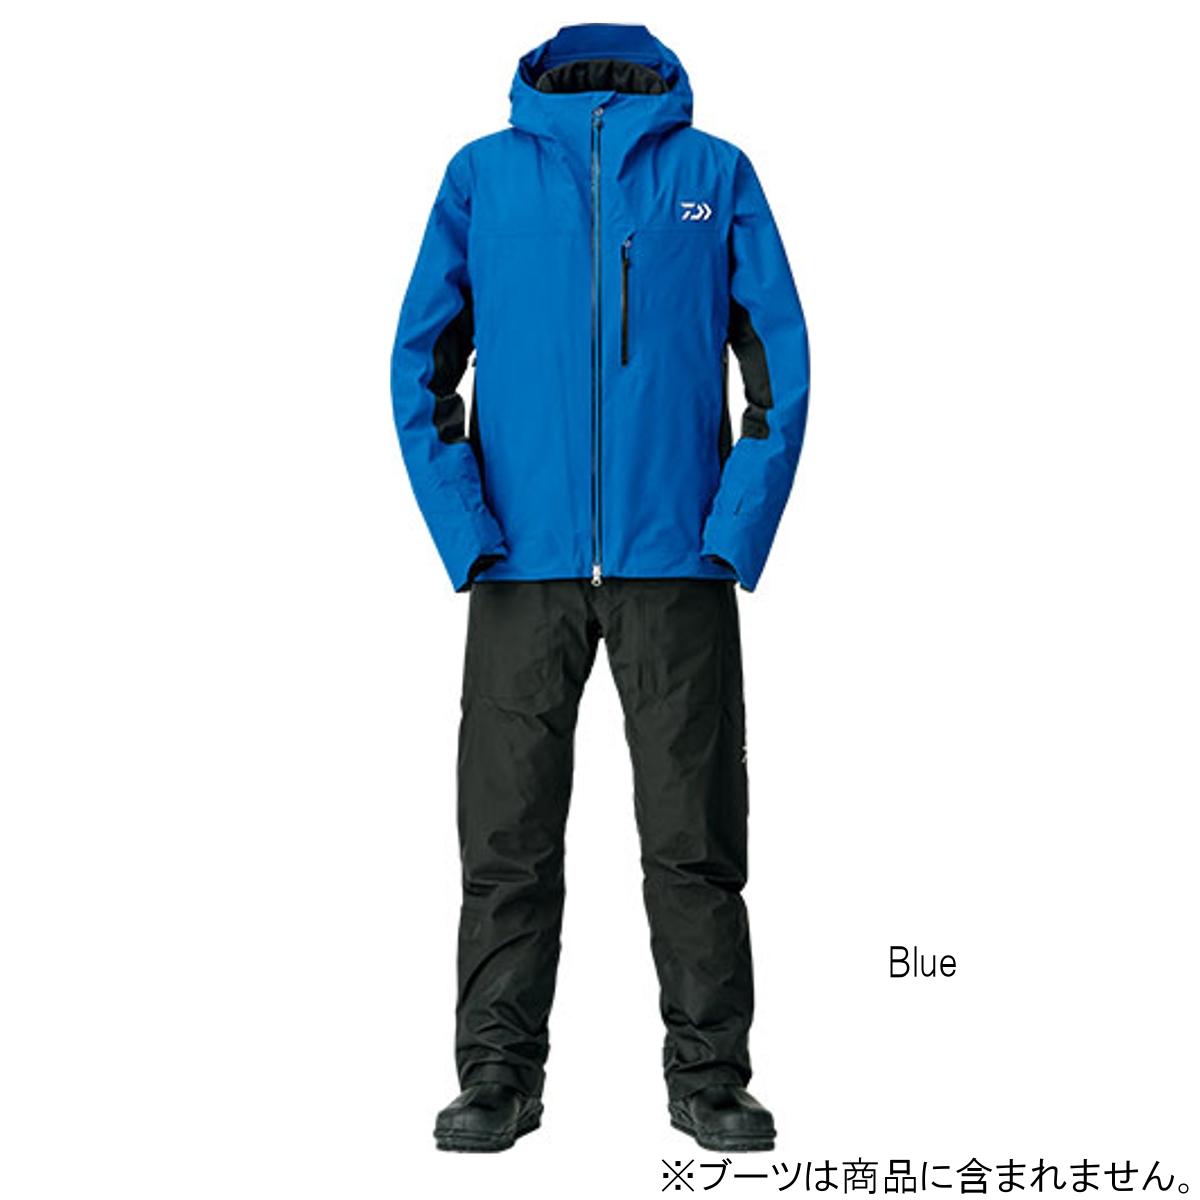 ダイワ ゴアテックス プロダクト ウィンタースーツ DW-1208 L Blue(東日本店)